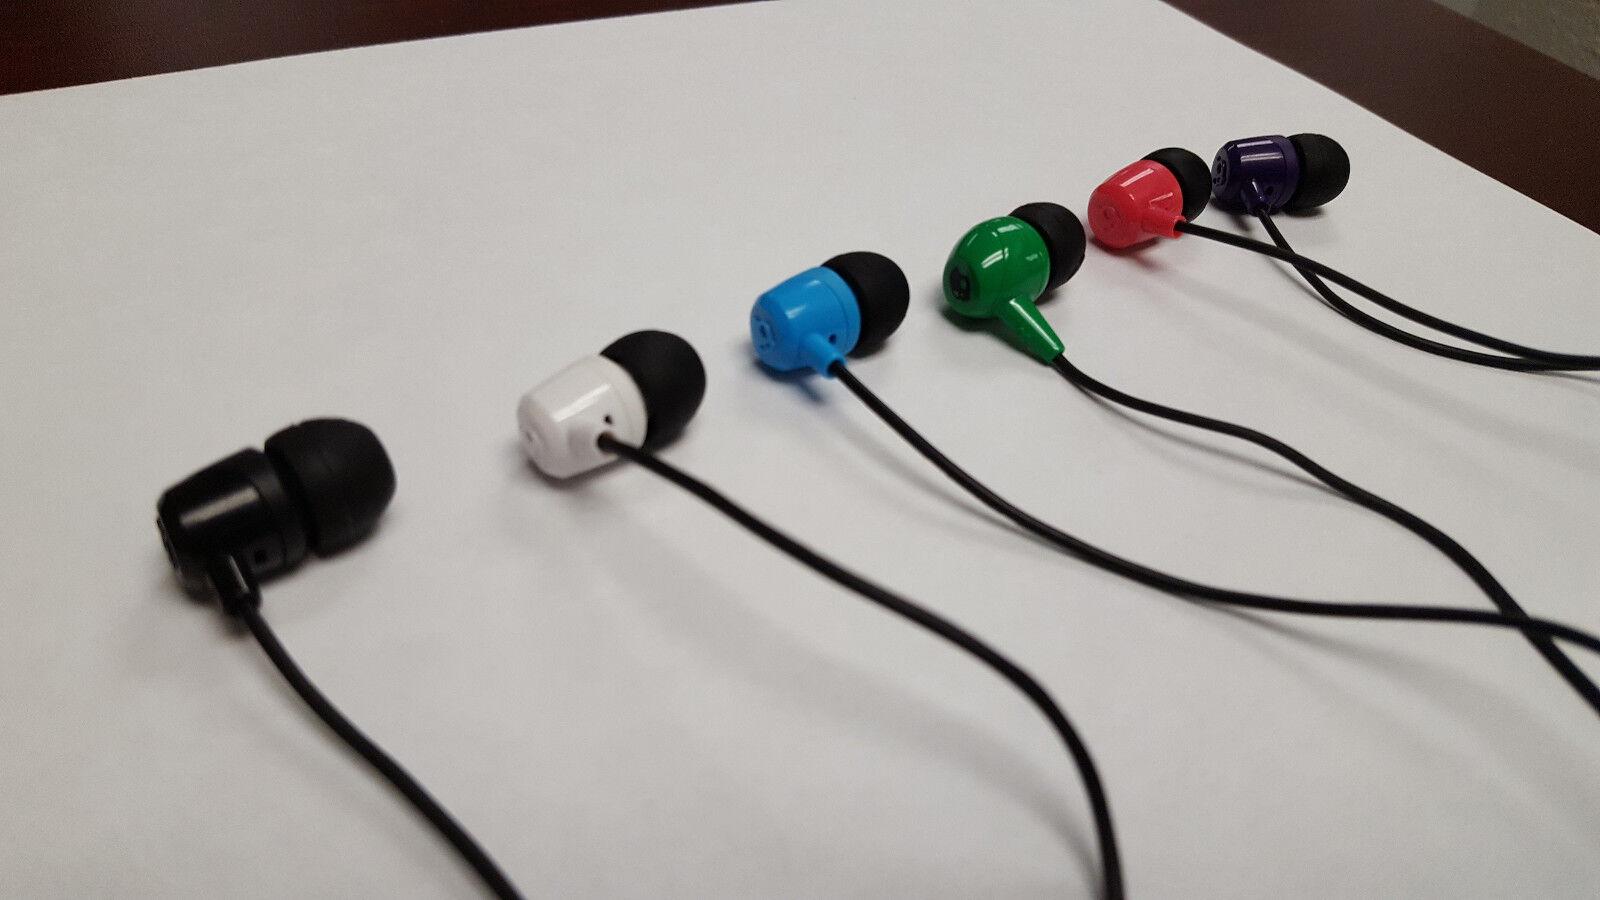 Headphones - Skullcandy JIB In-Ear Earbud Stereo Headphones Black, Pink, Blue, White, Green!!